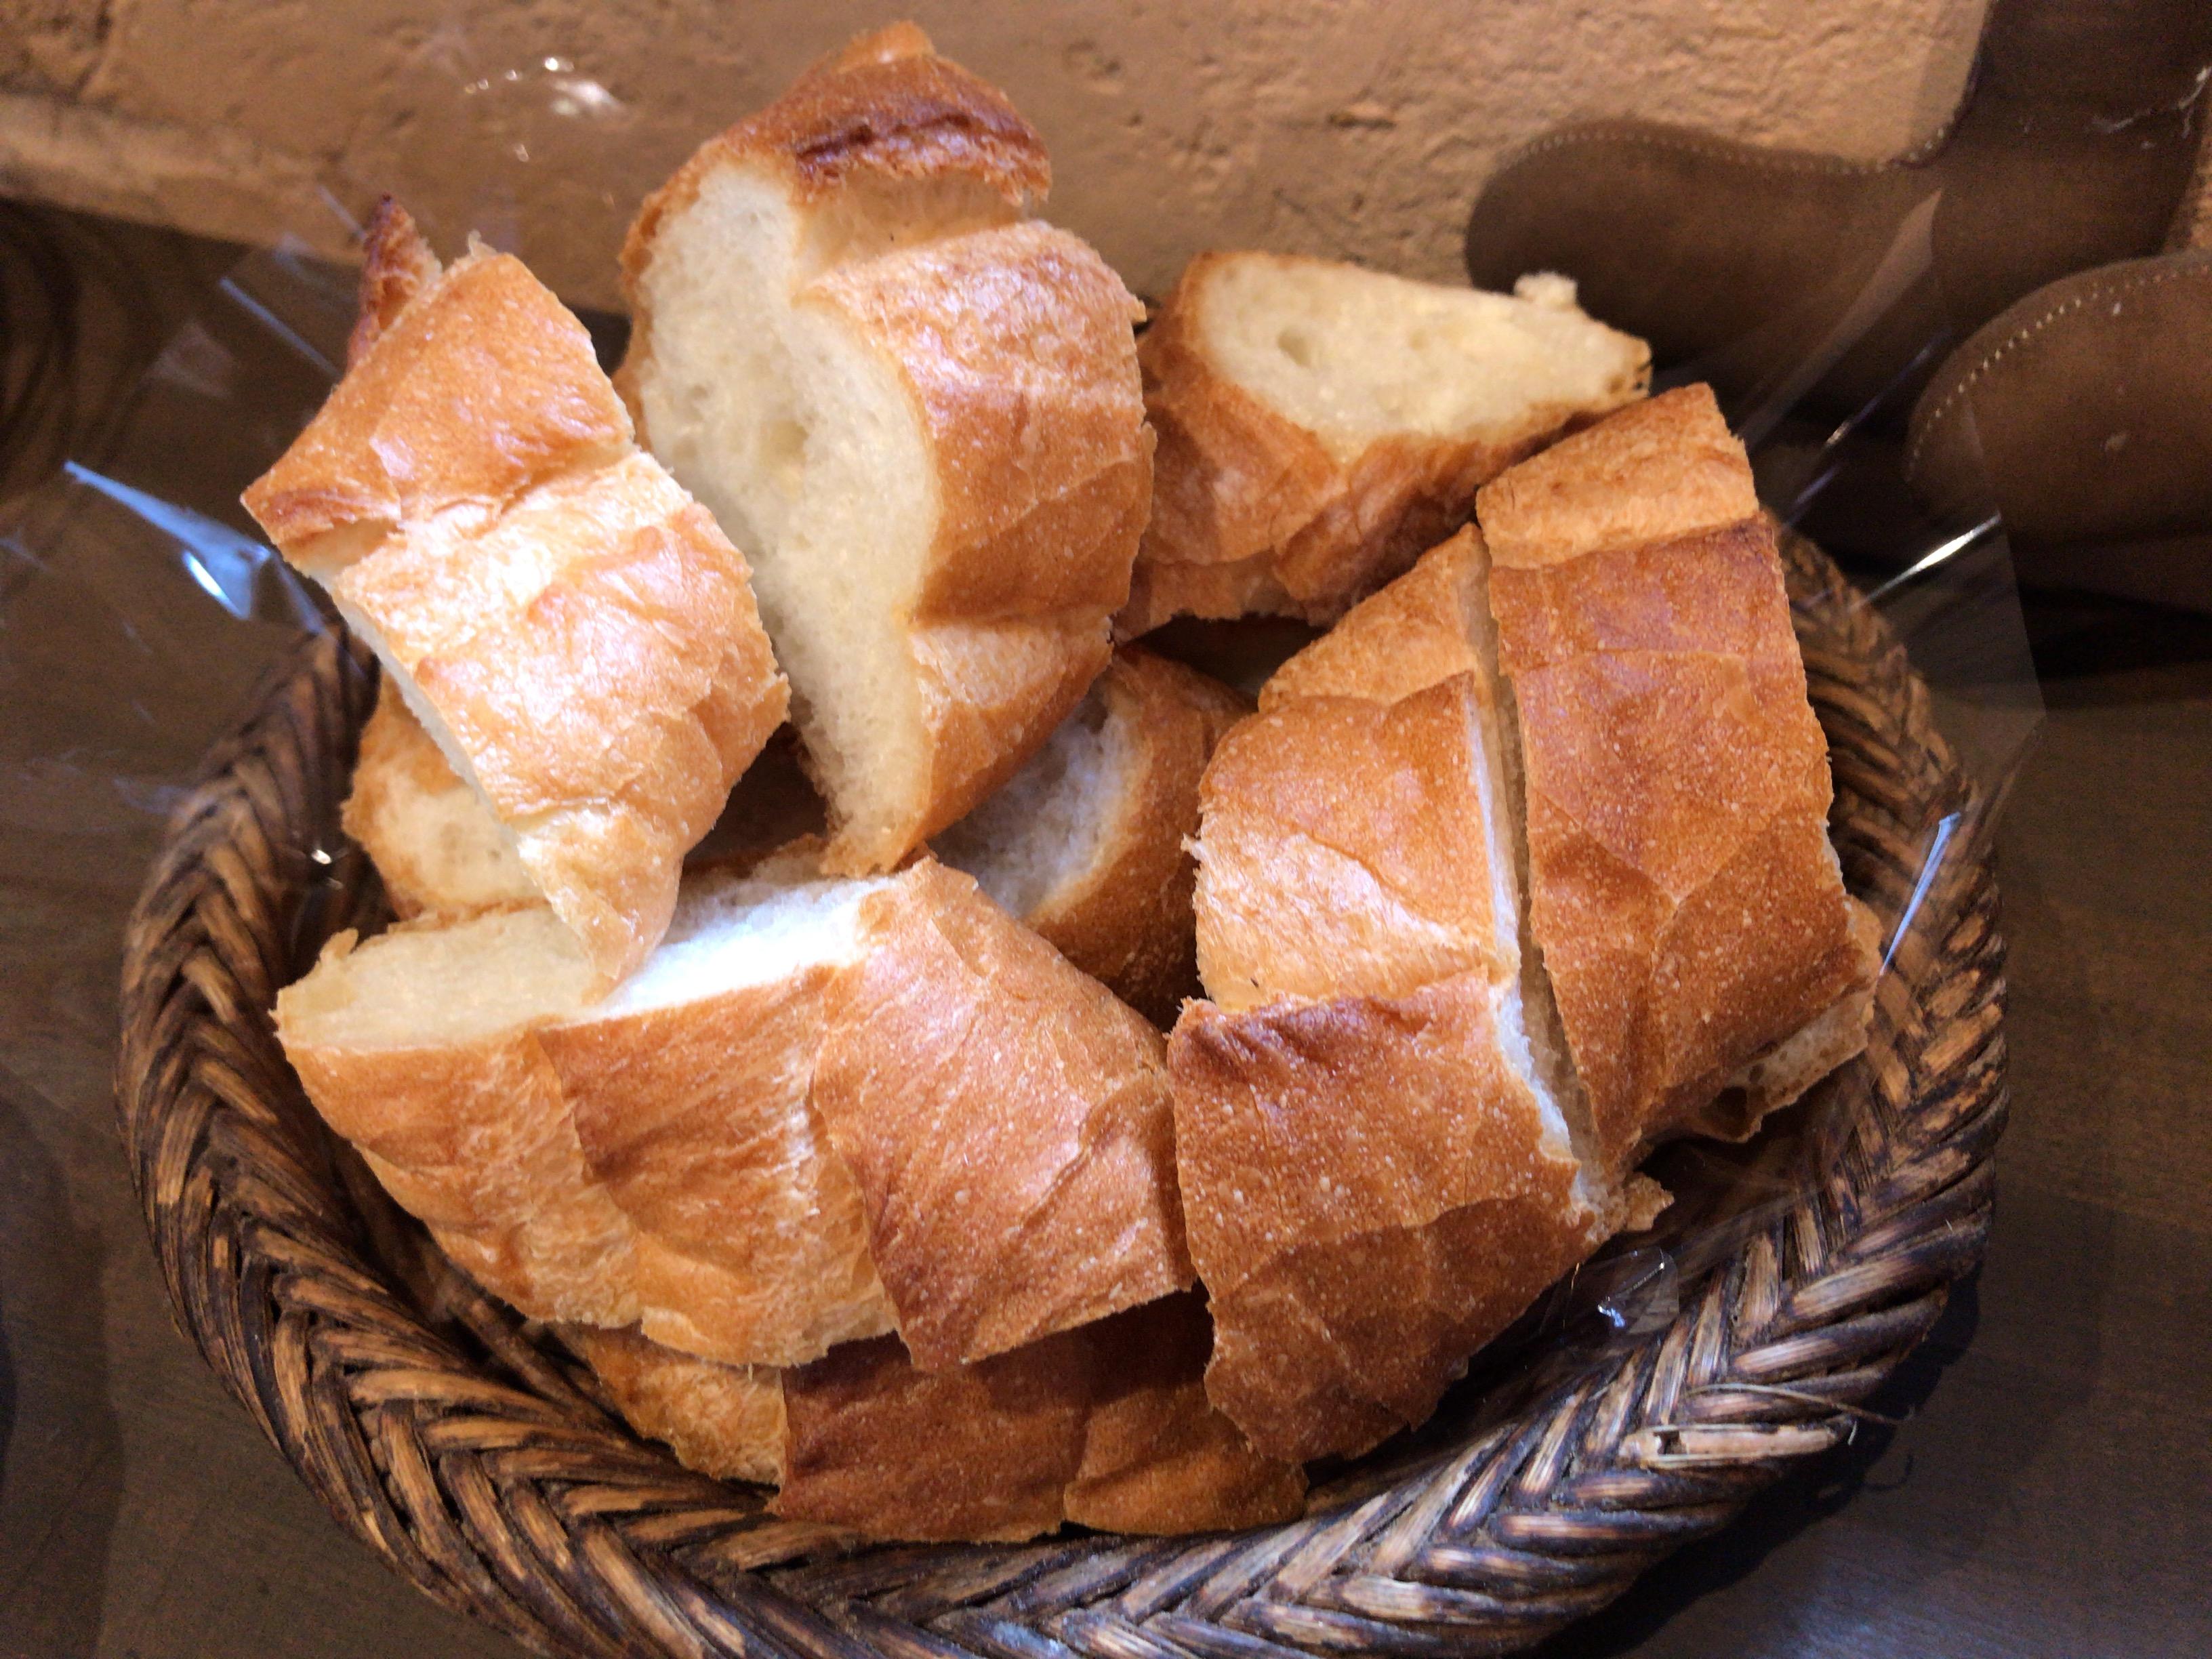 橿原市真菅でモーニングができるパン屋パネトリー本店のプチパンバイキング②